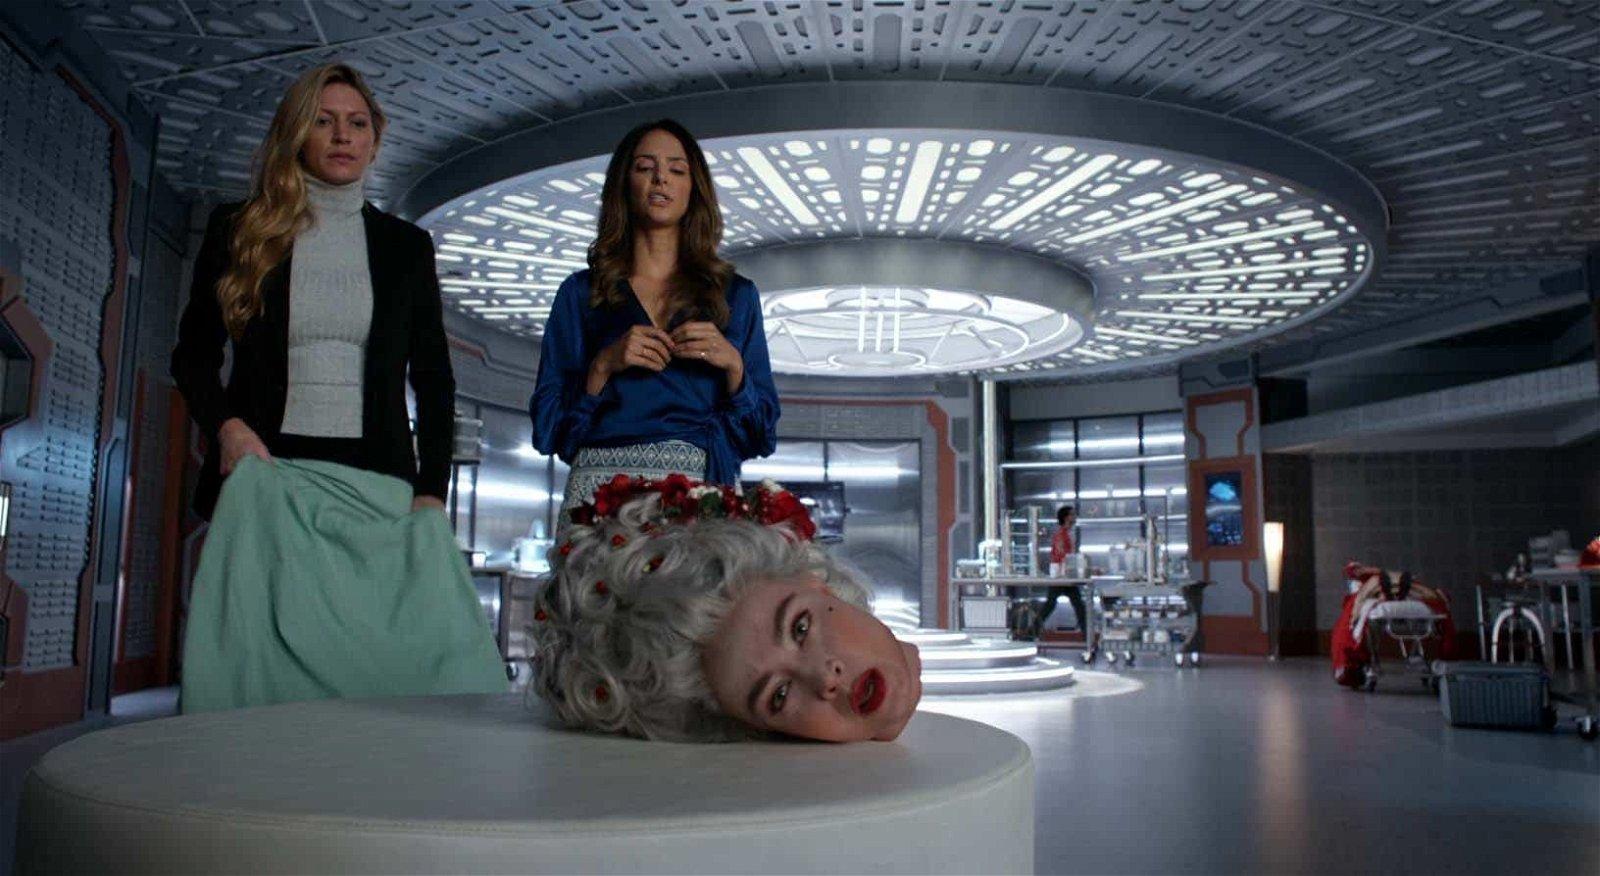 Zari y Ava con la cabeza de María Antonieta